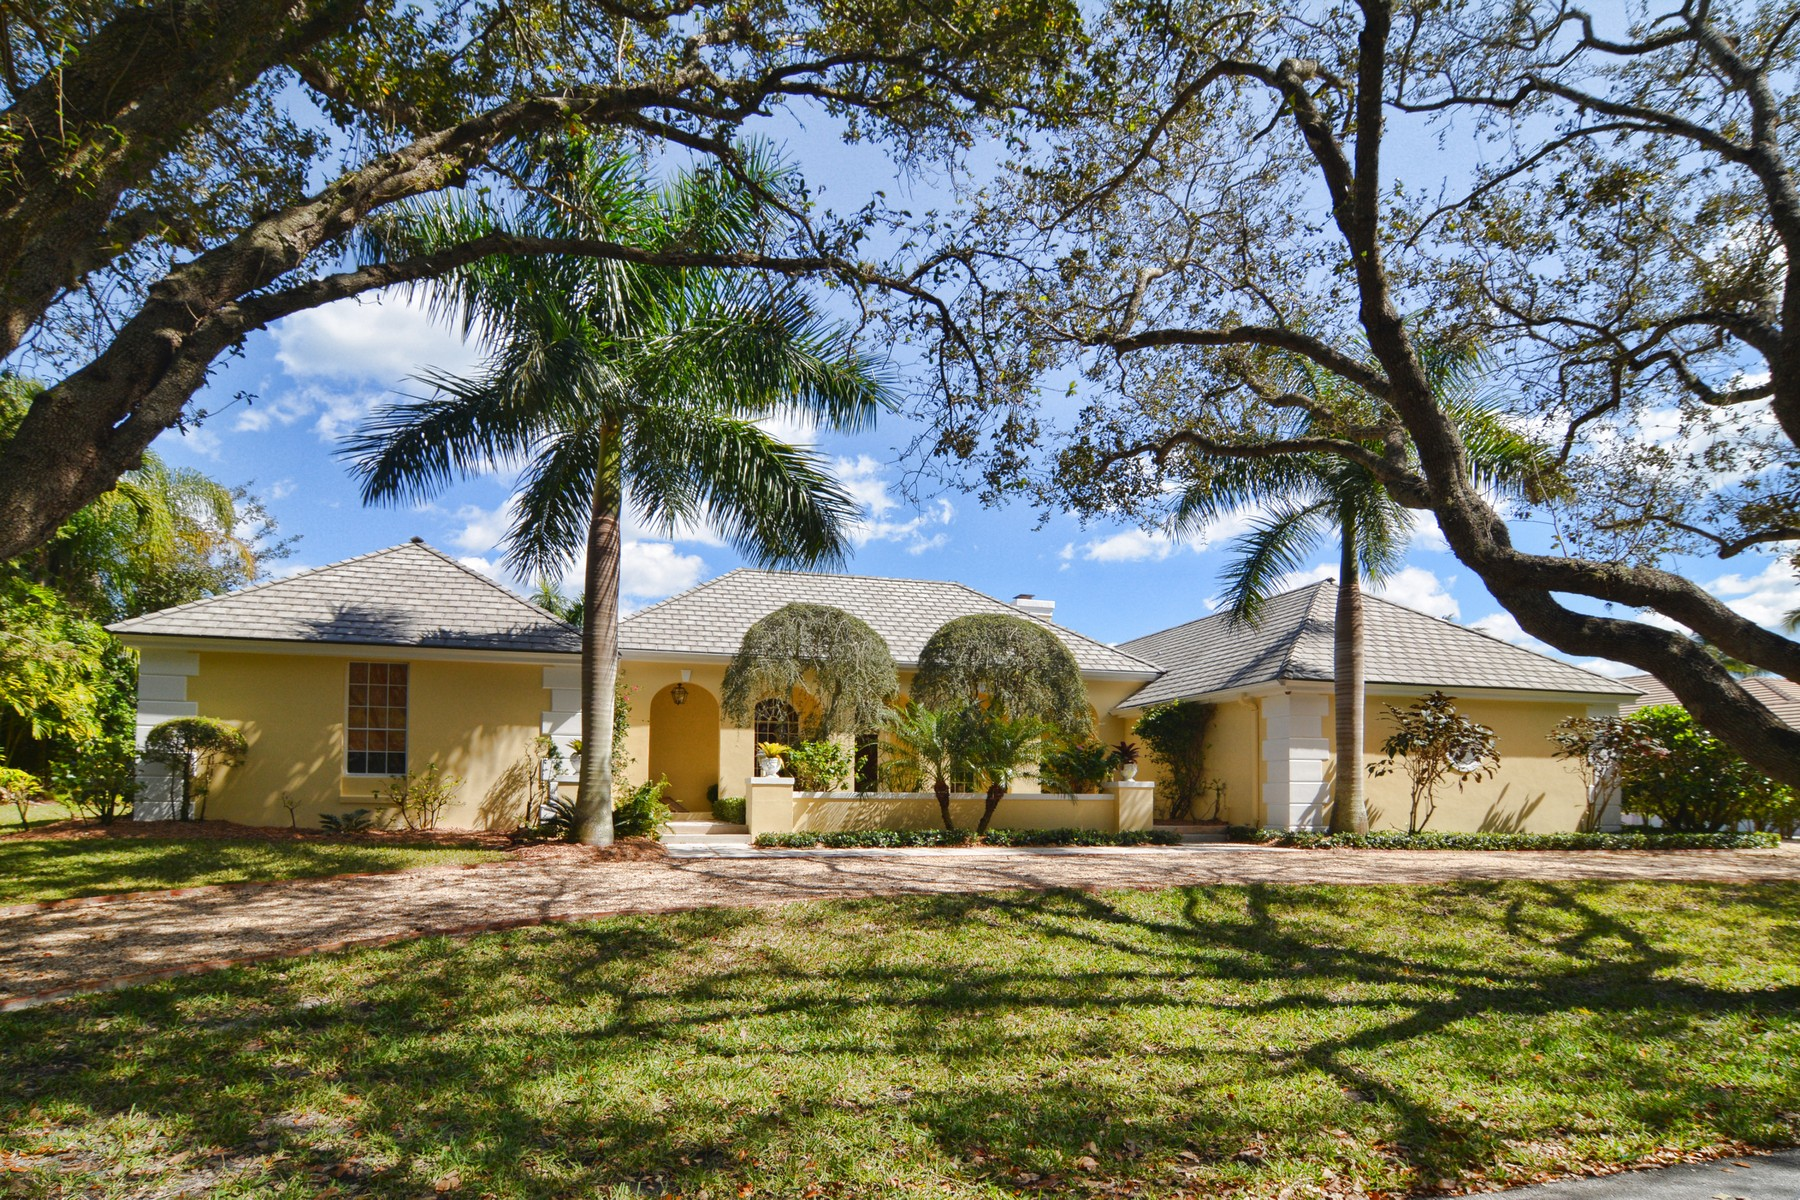 Casa Unifamiliar por un Venta en 18444 SE Heritage Drive Heritage Oaks, Tequesta, Florida, 33469 Estados Unidos